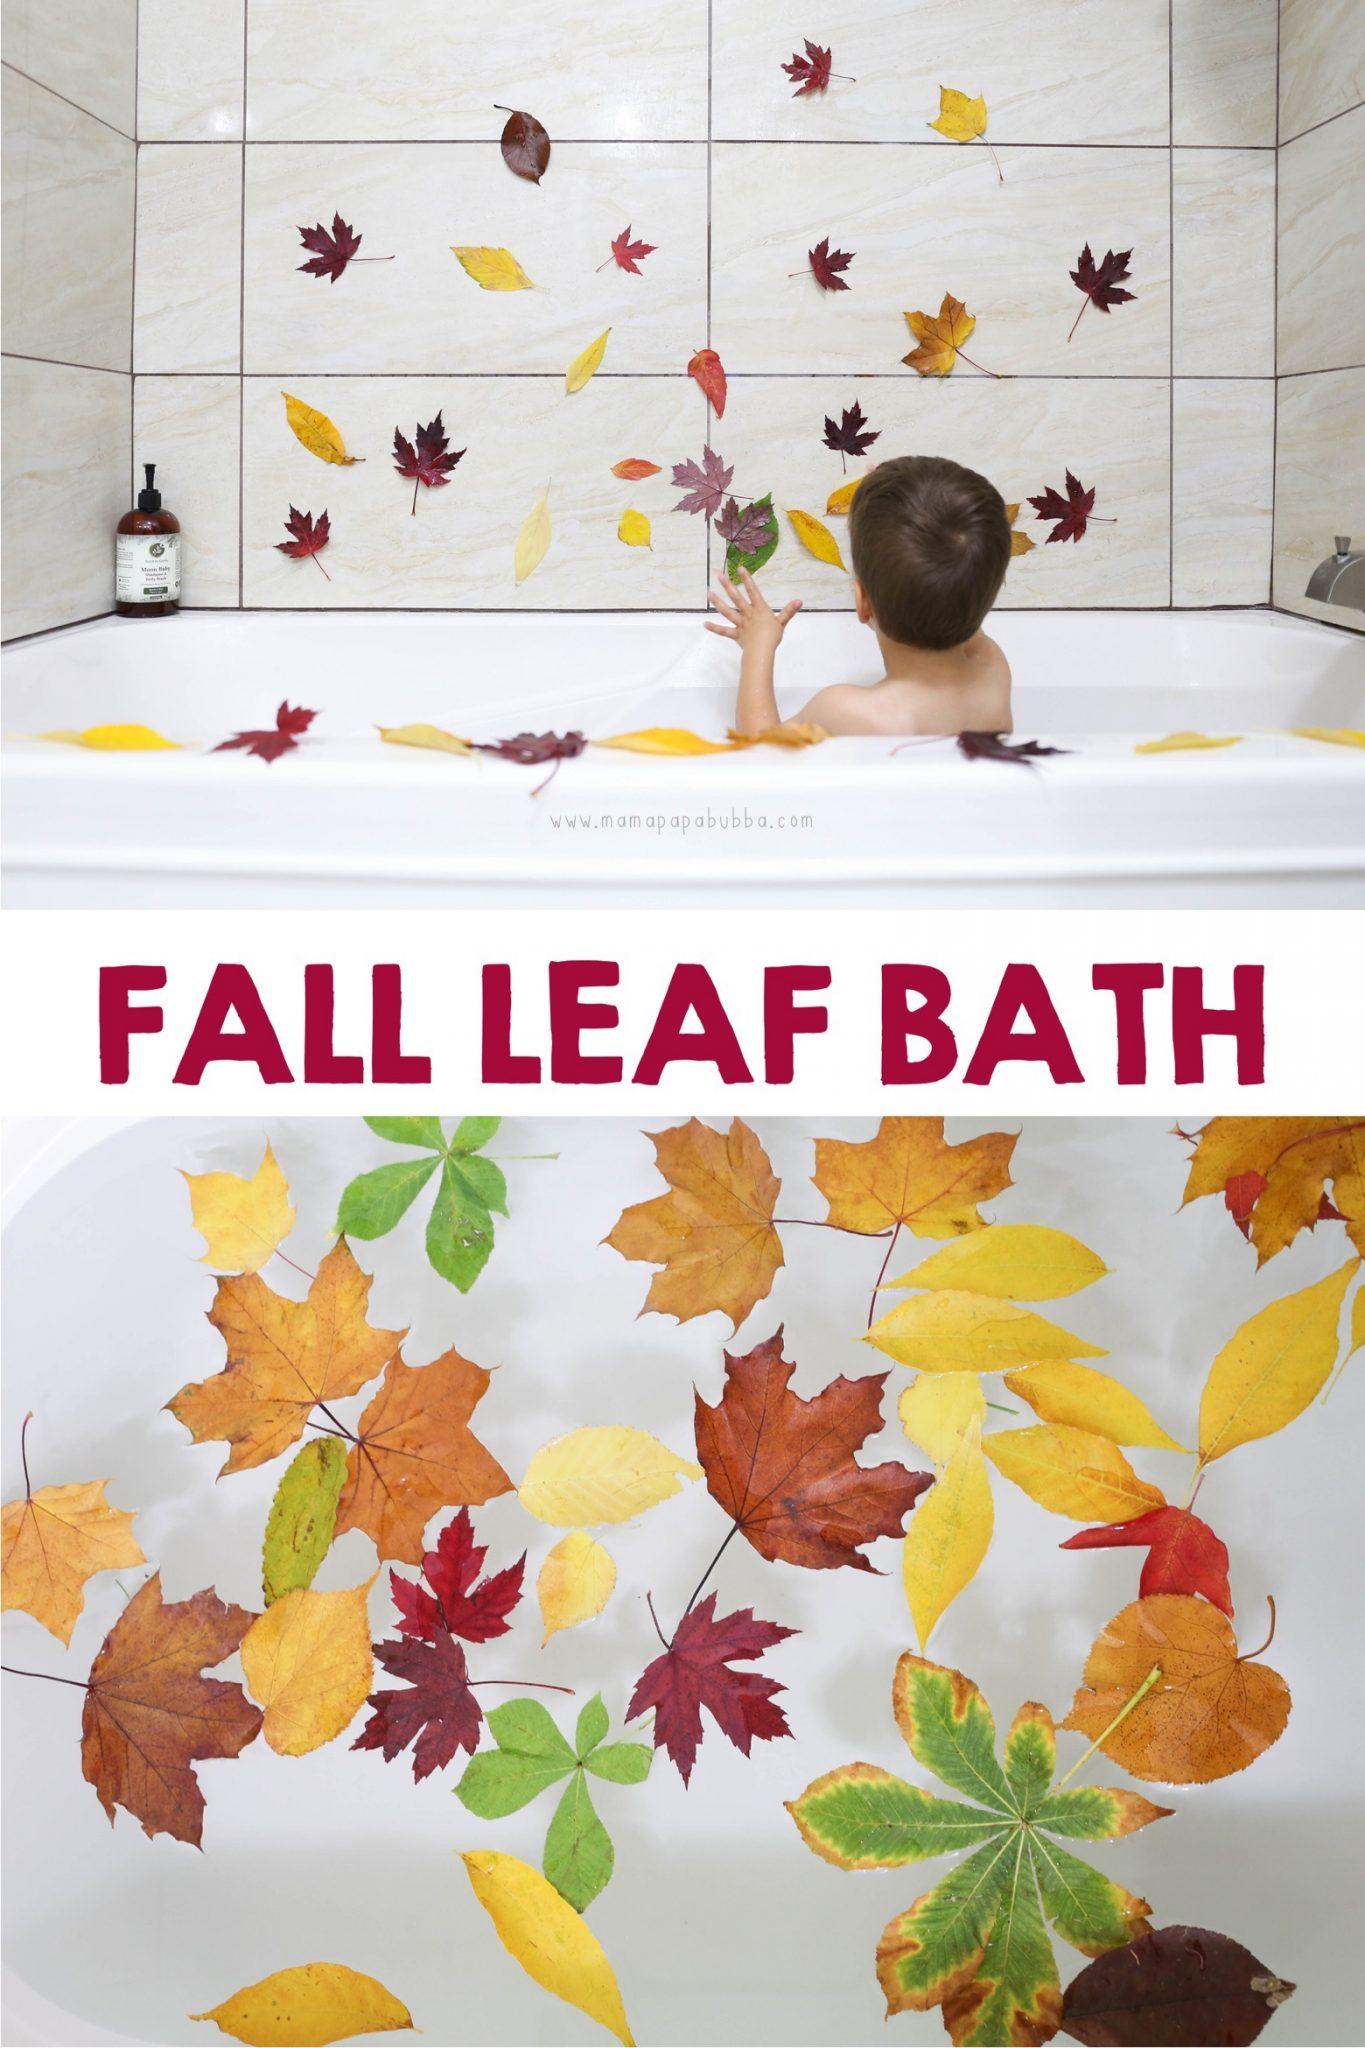 Autumn Leaf Bath | Mama Papa Bubba